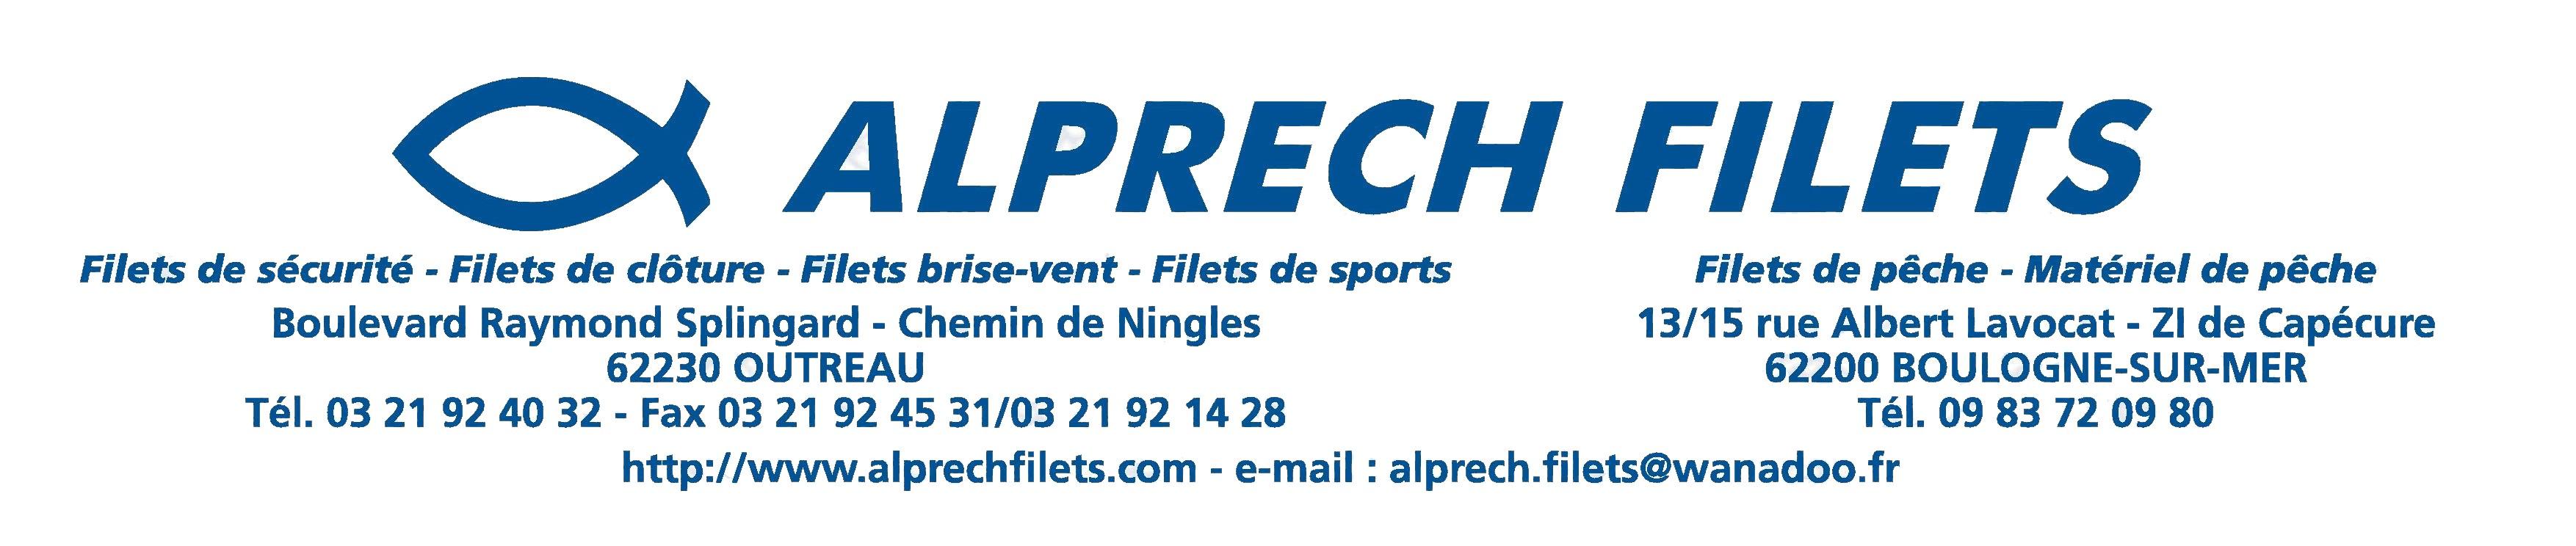 Alprech Filets - Le spécialiste du Filet